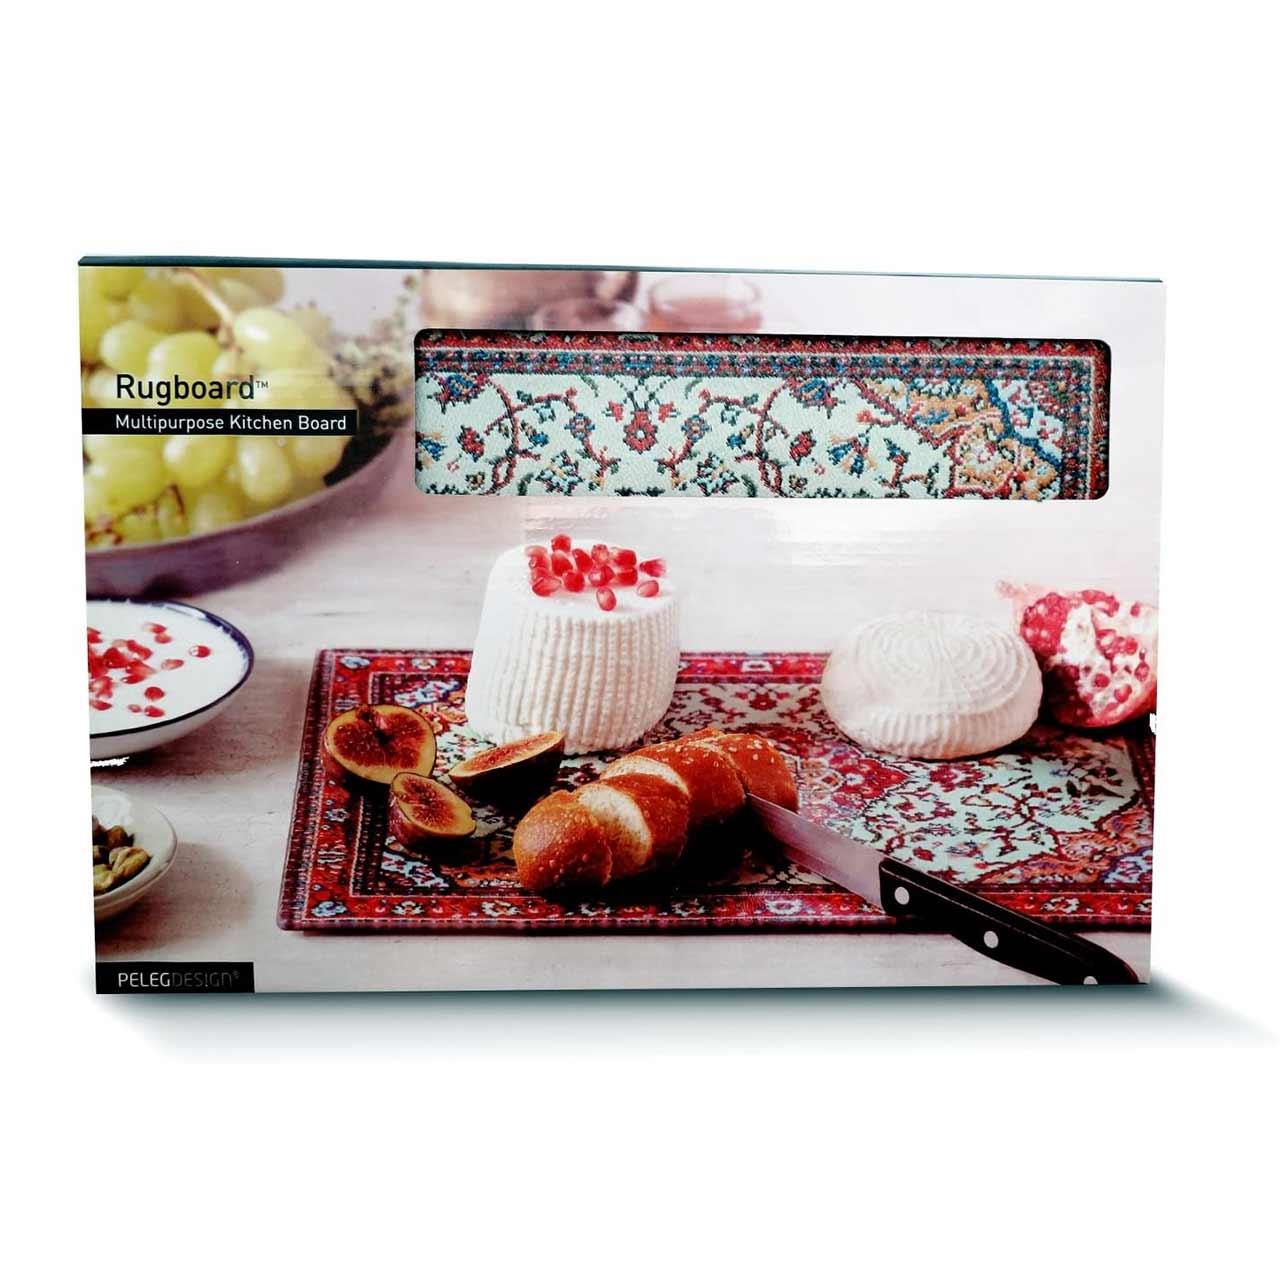 Peleg Design Rugboard Tempered Glass Cutting Board  | the design gift shop